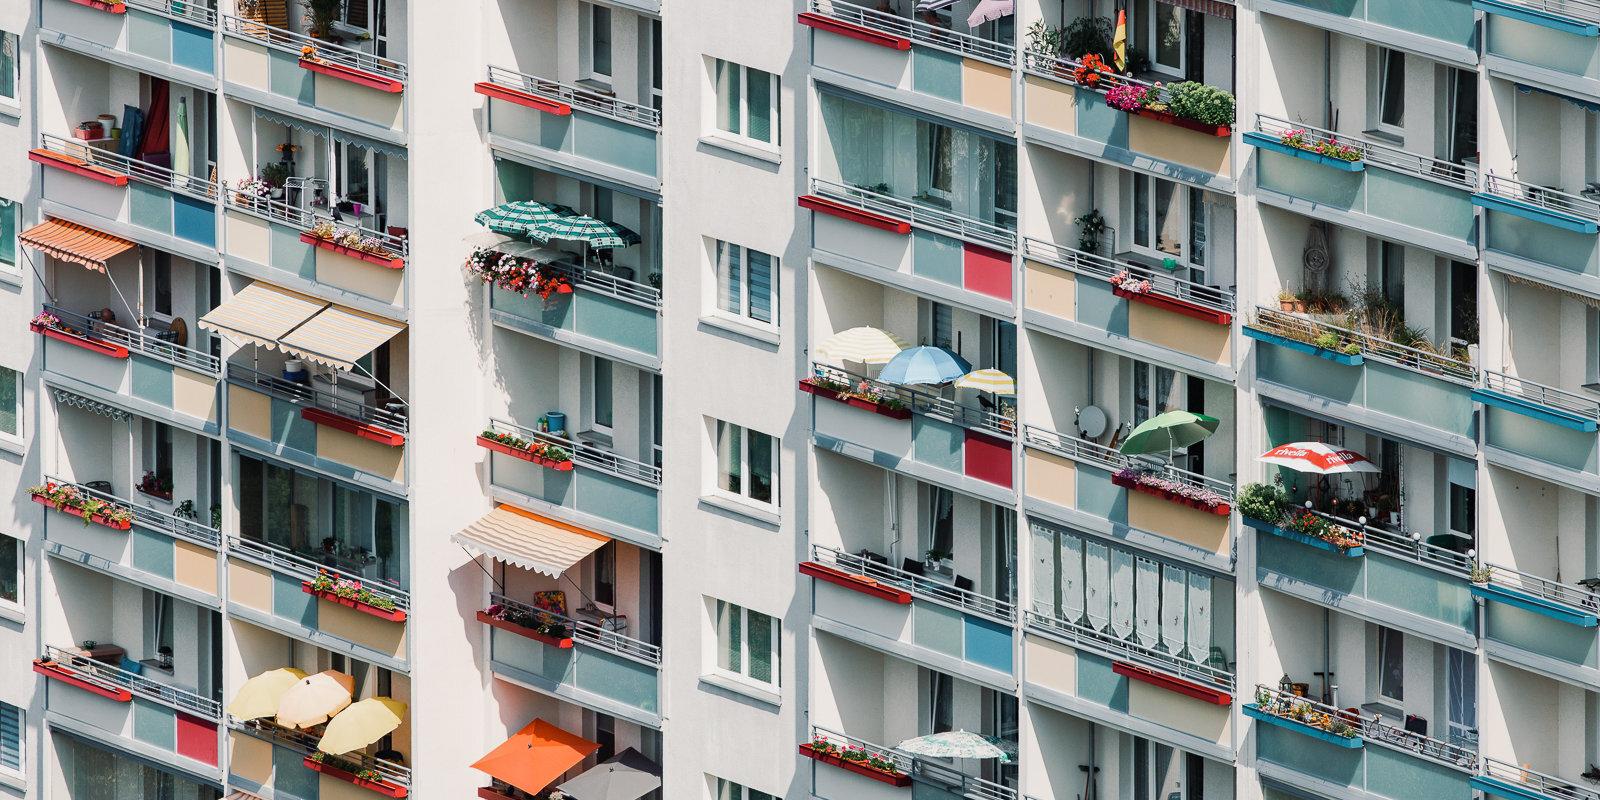 Līdzšinējie Dzīvokļa īpašuma likuma grozījumi - dārgāki jaunie projekti un nepieejami aizdevumi?